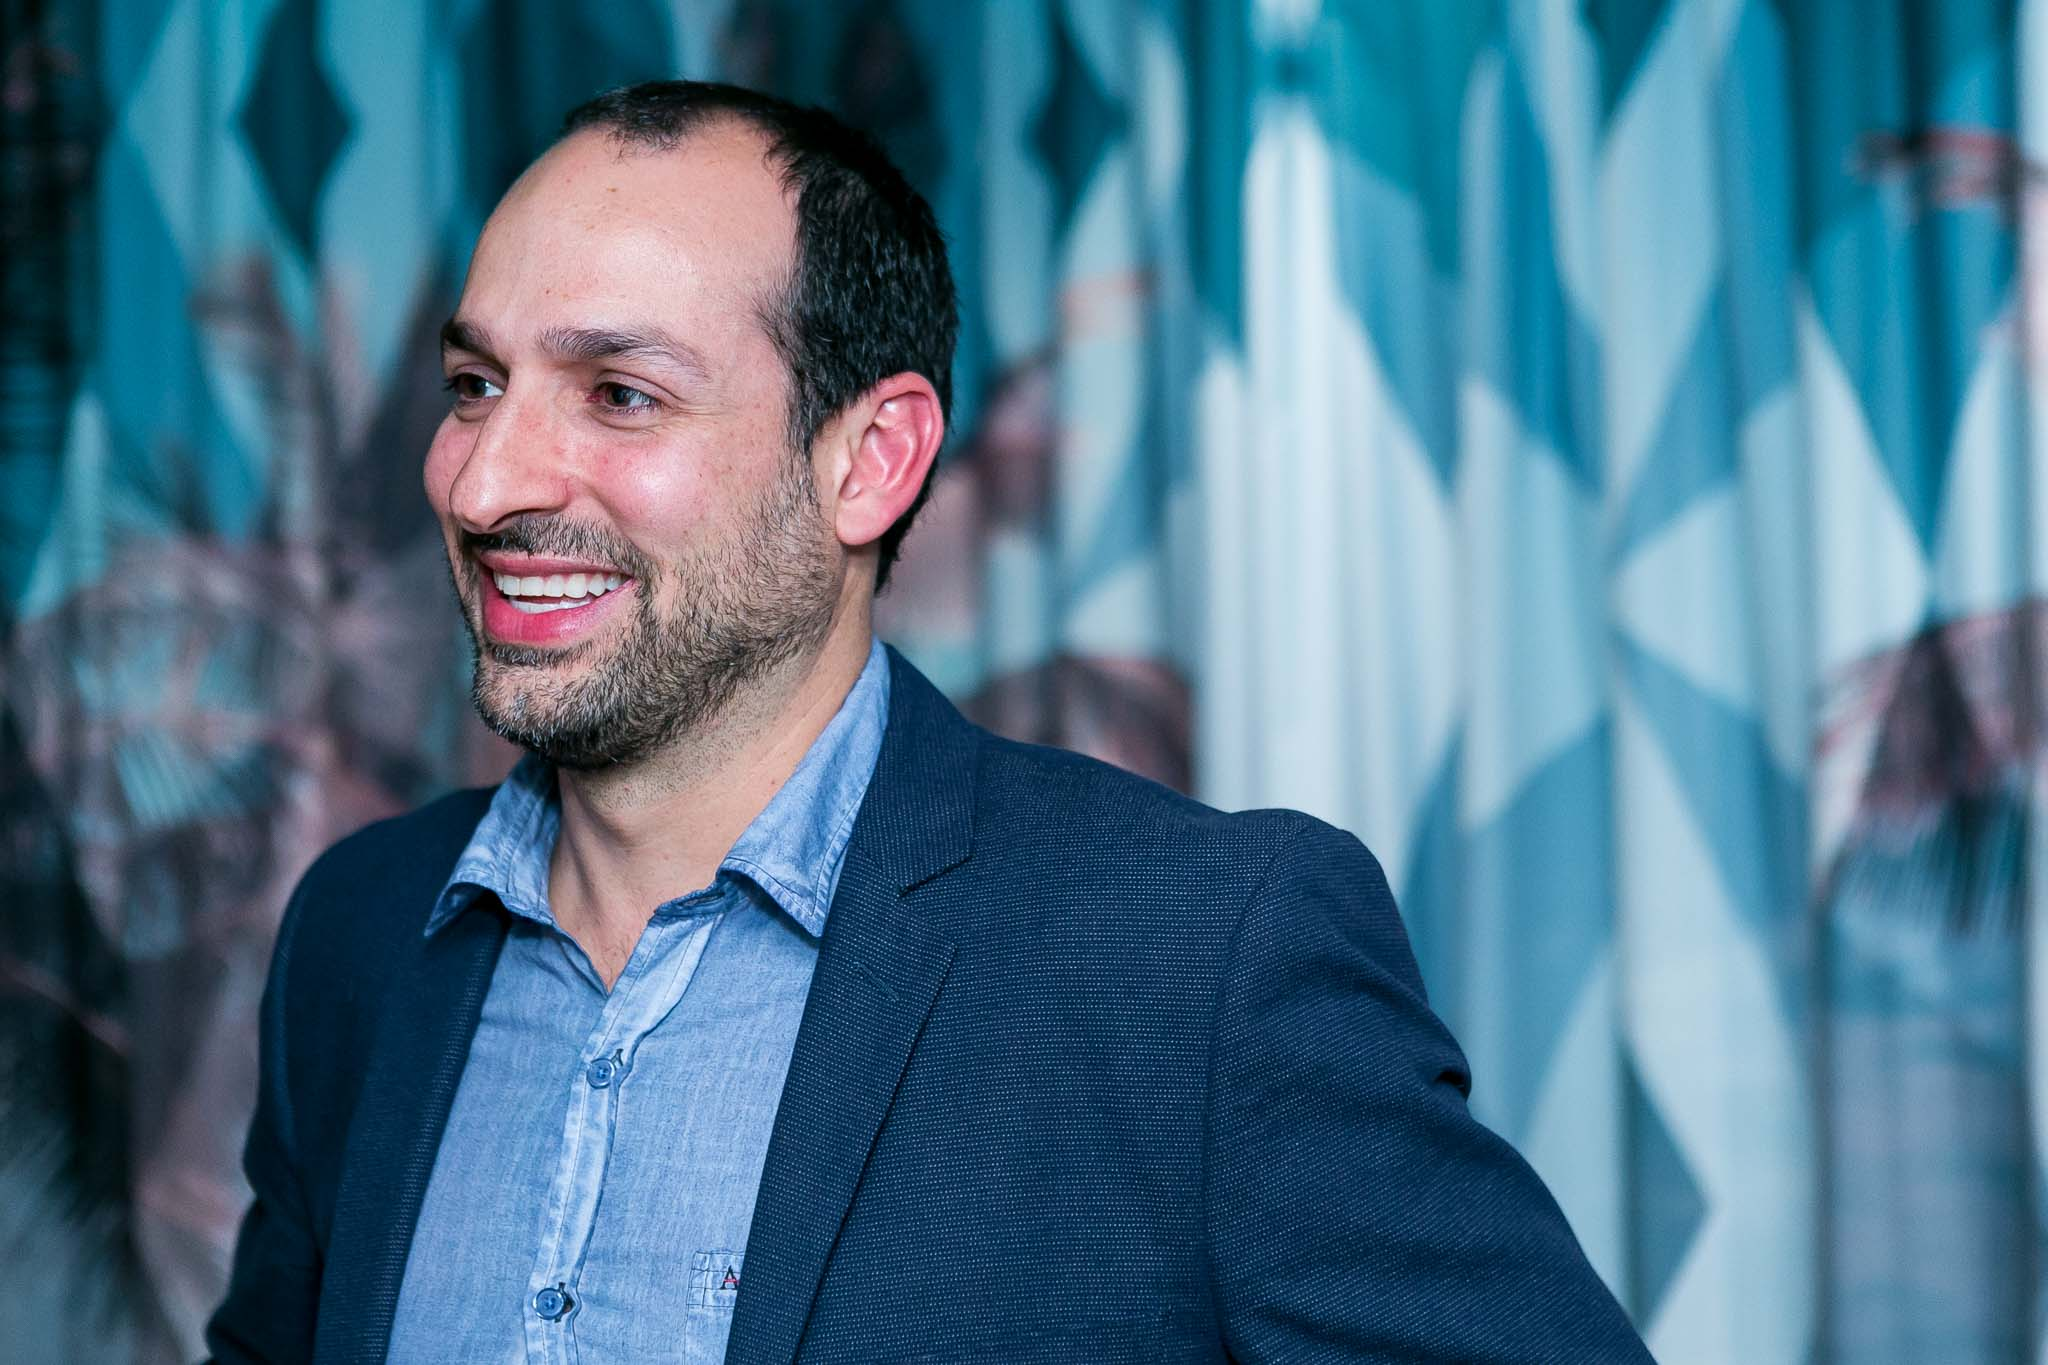 O pernambucano Marcelo Marinho é diretor de operações e marketing corporativo da Intercity Hotels - Crédito: Bruno Ryfer/Divulgação